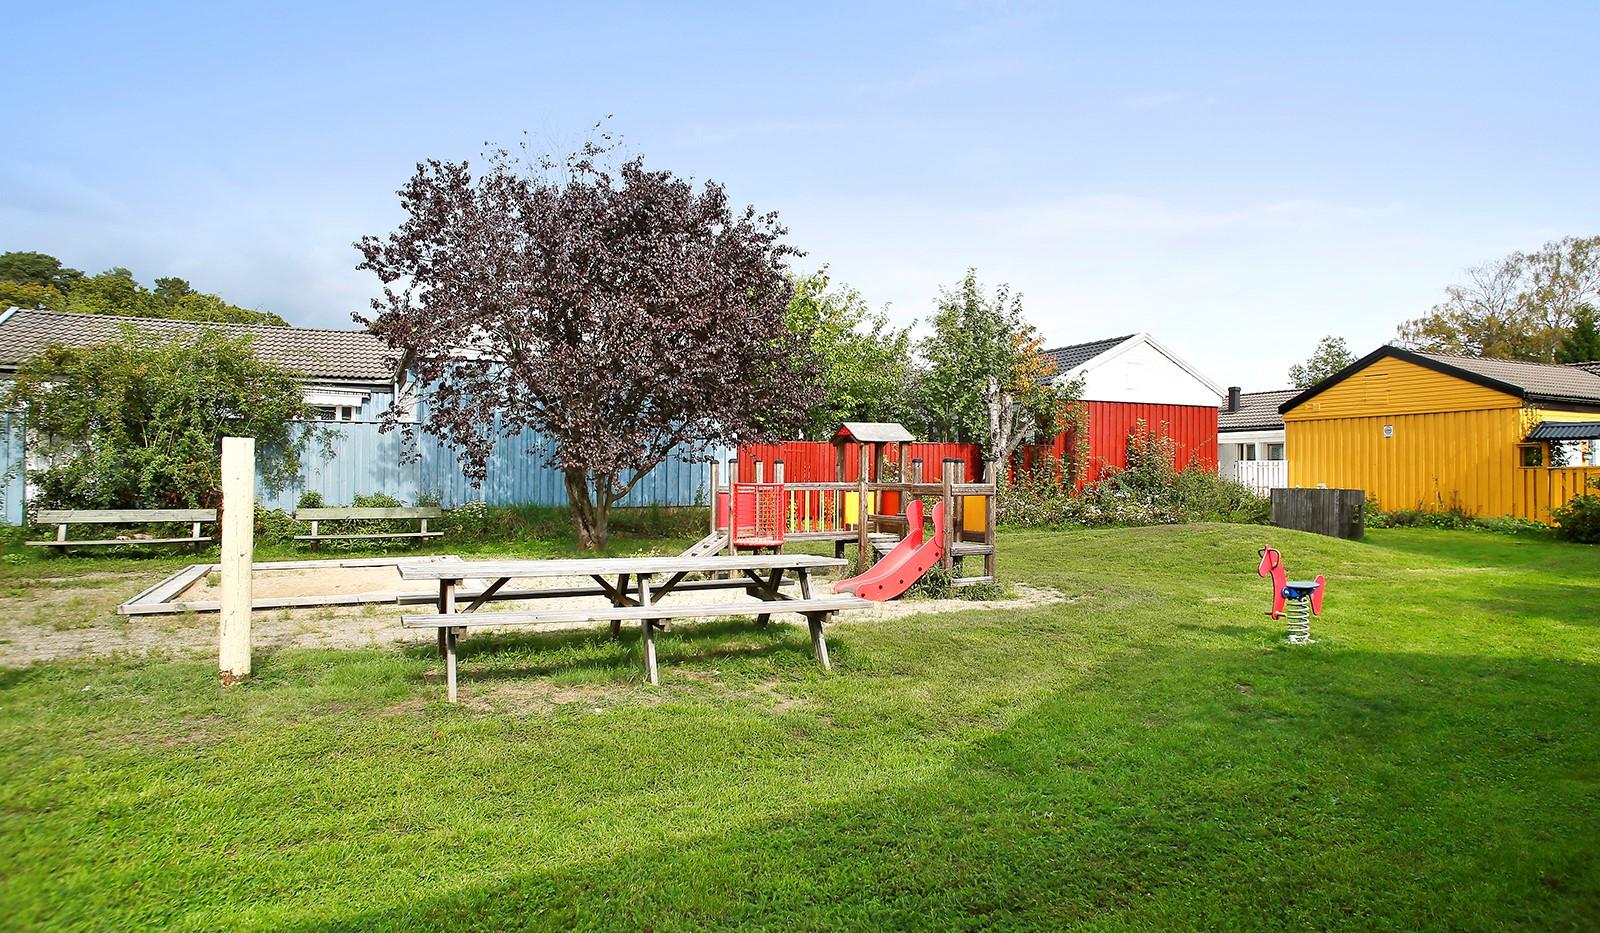 Slagsta Backe 37 - Nära lekplats